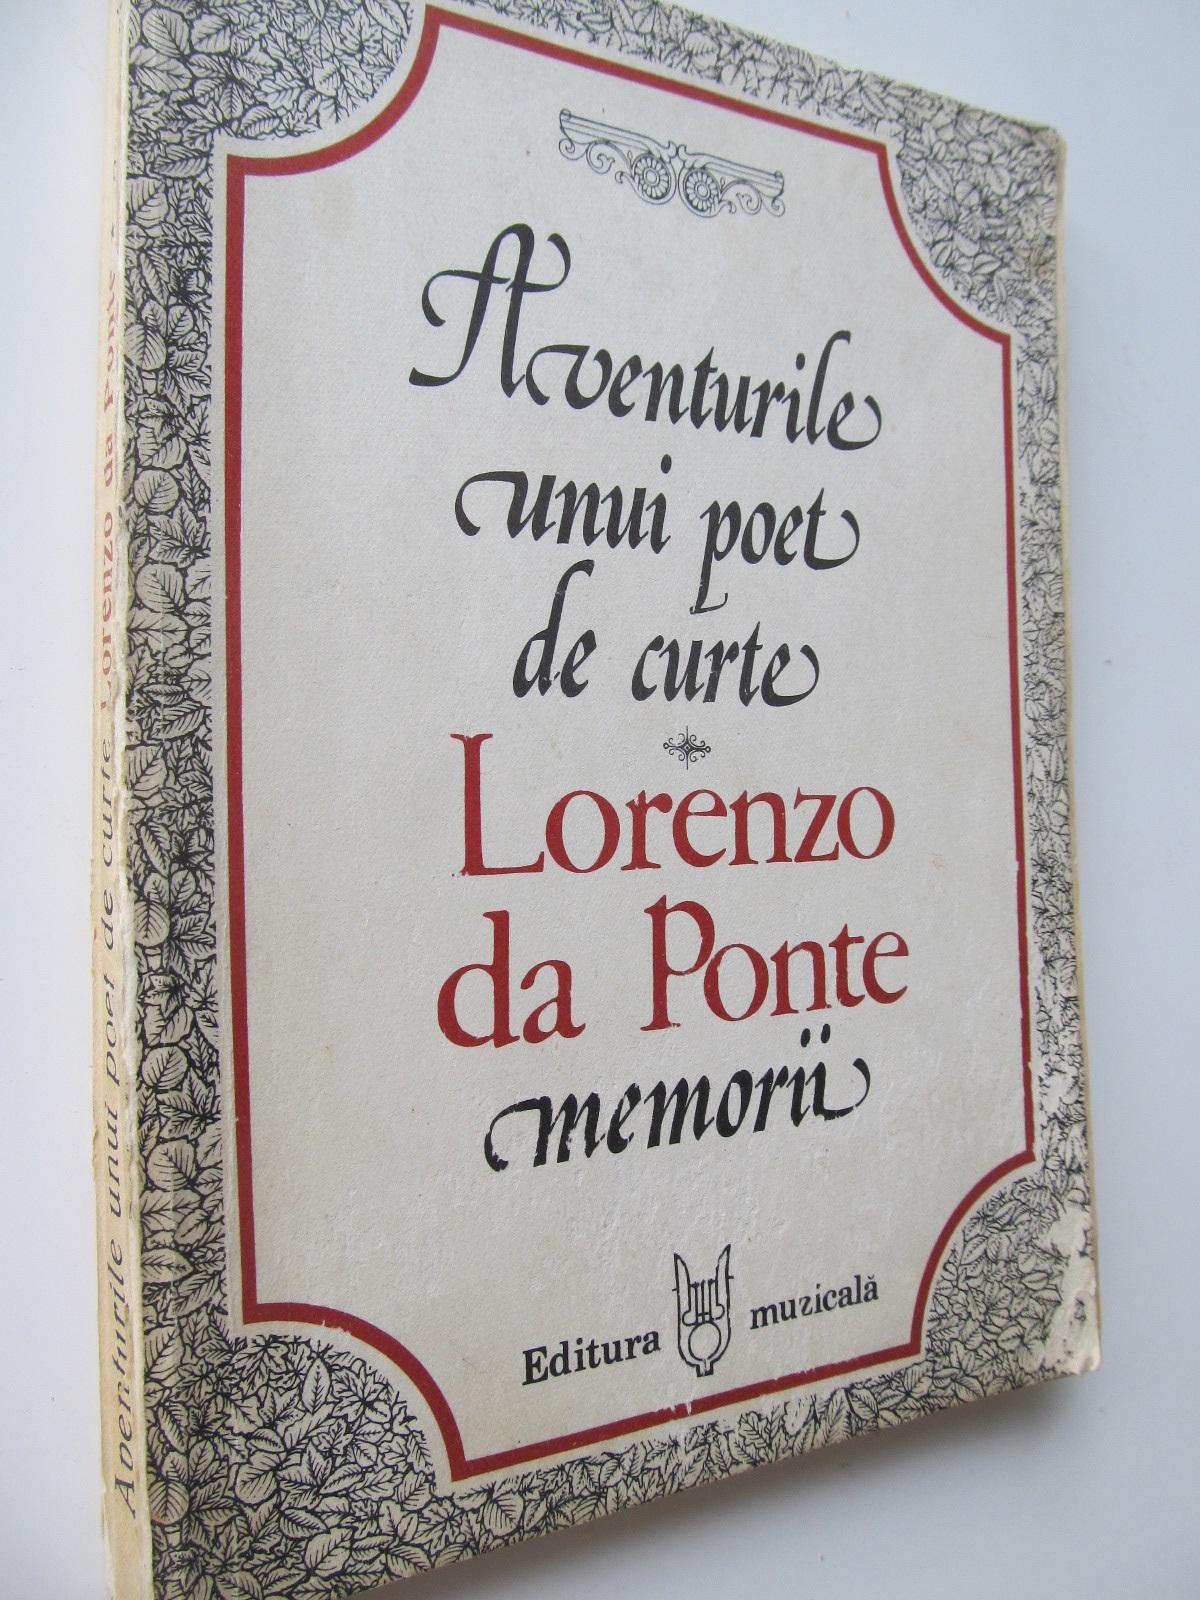 Aventurile unui poet de curte - Memorii - Lorenzo de Ponte | Detalii carte